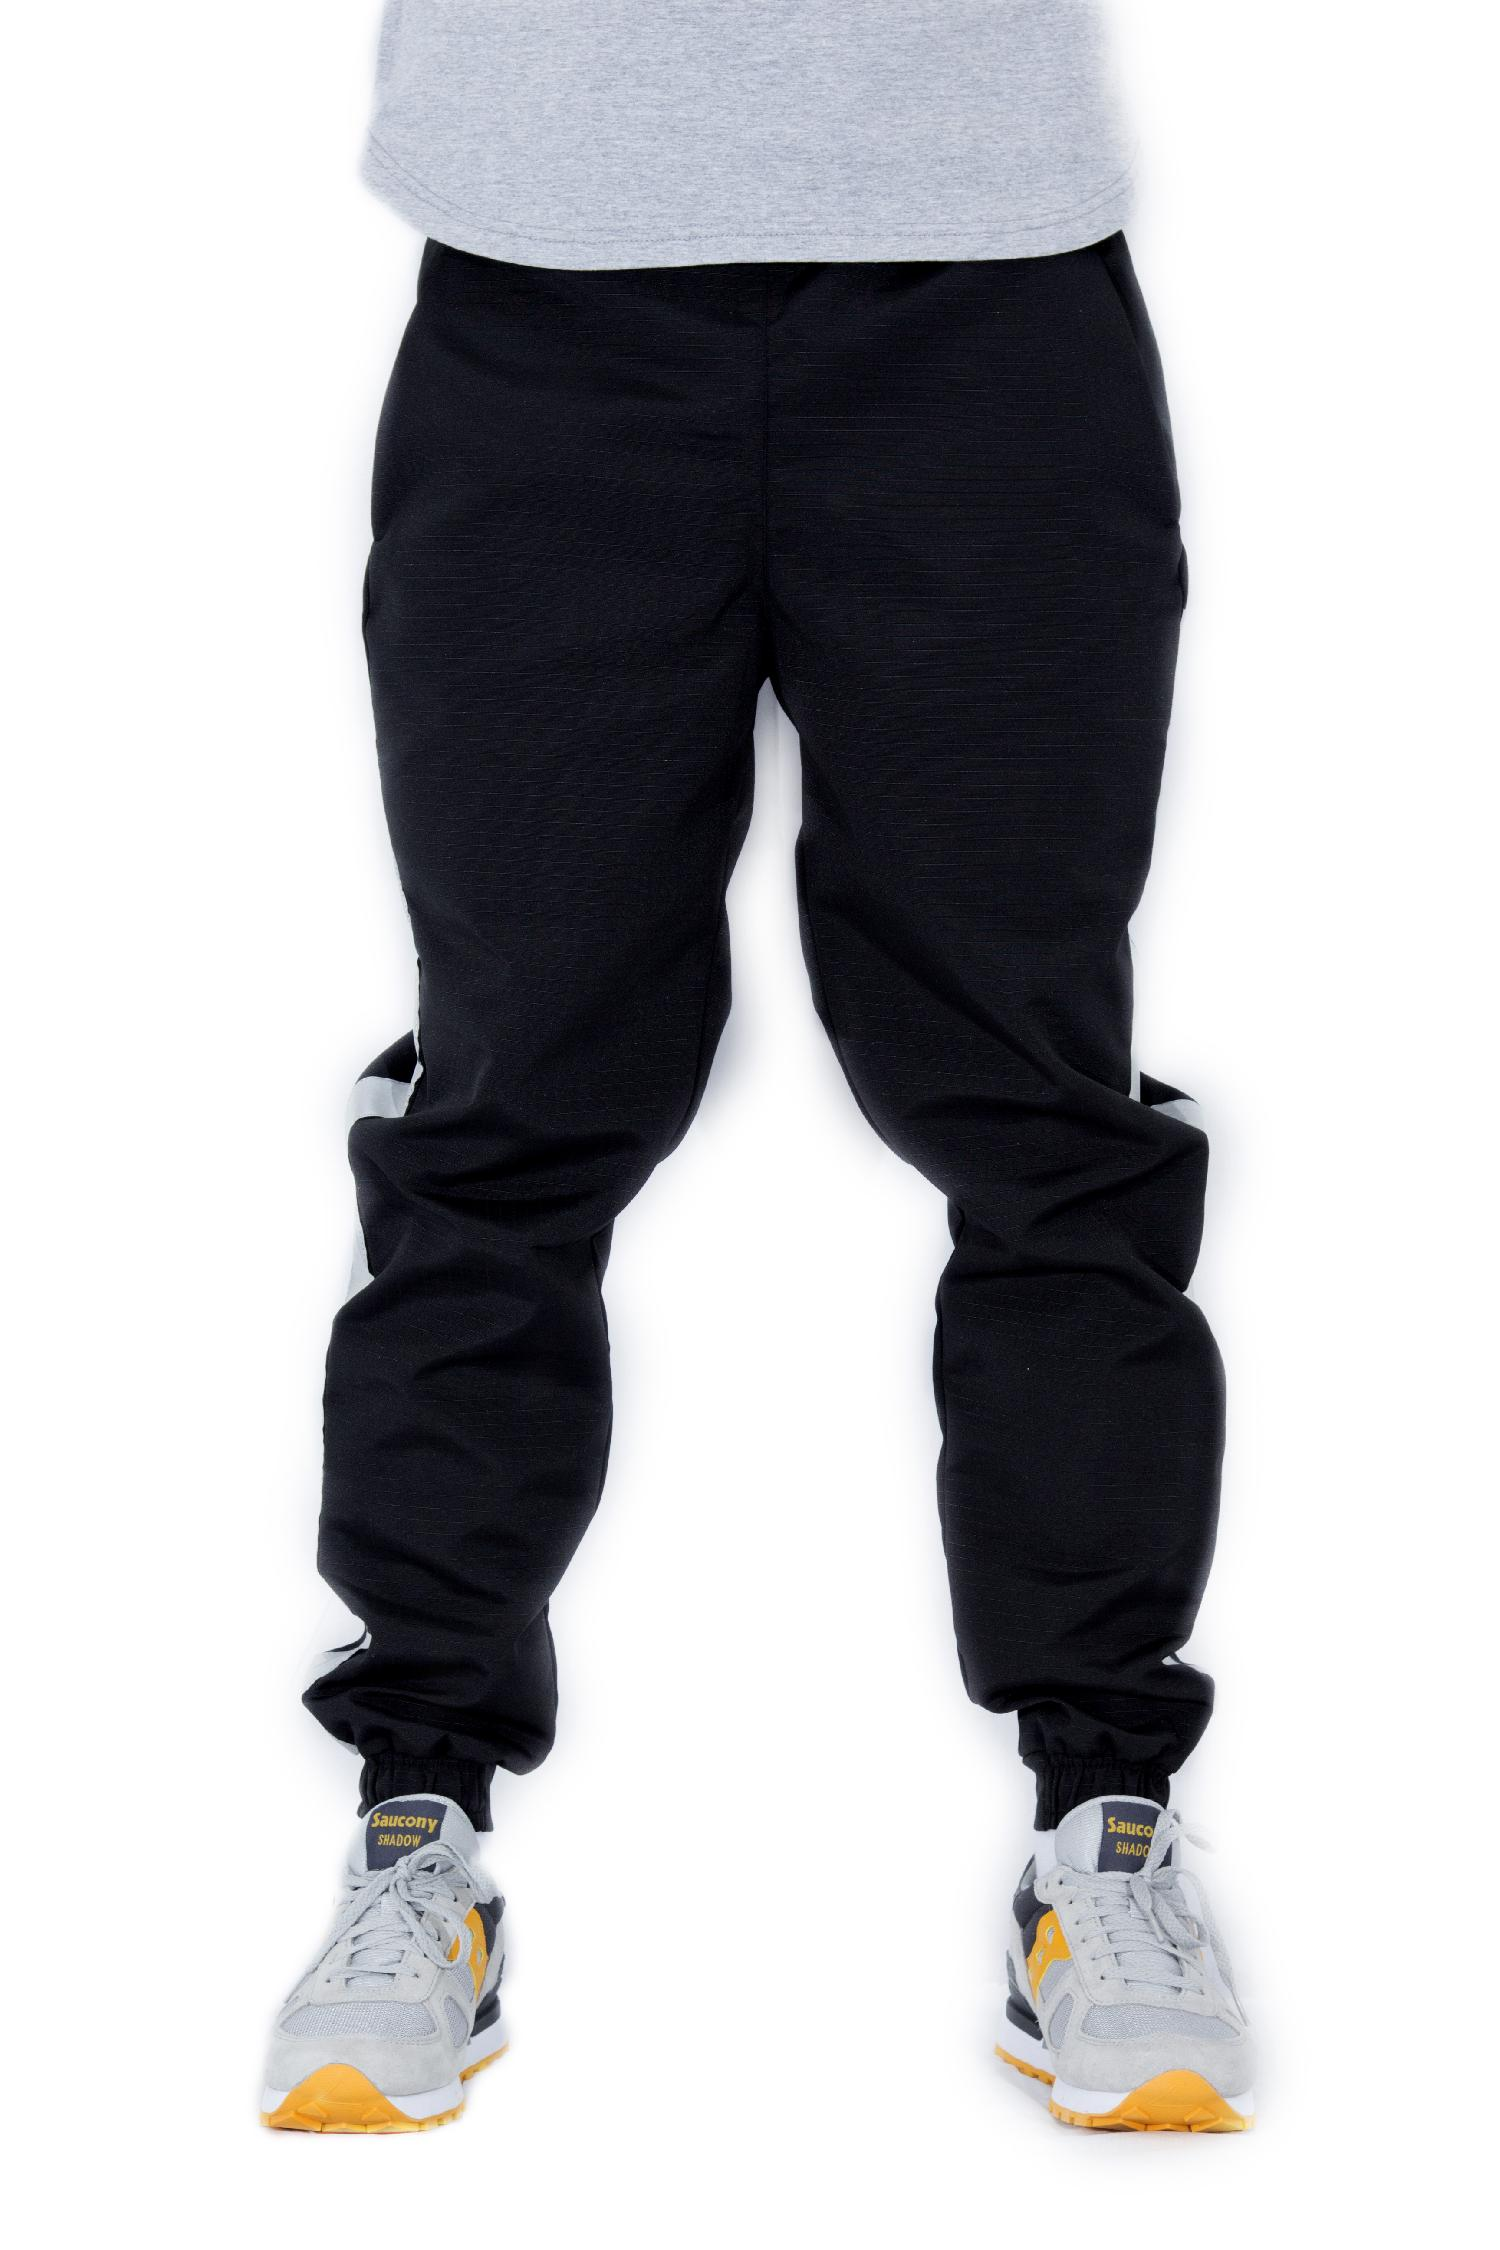 НПОГП брюки Габарит черный  рип-стоп светоотражающая полоса